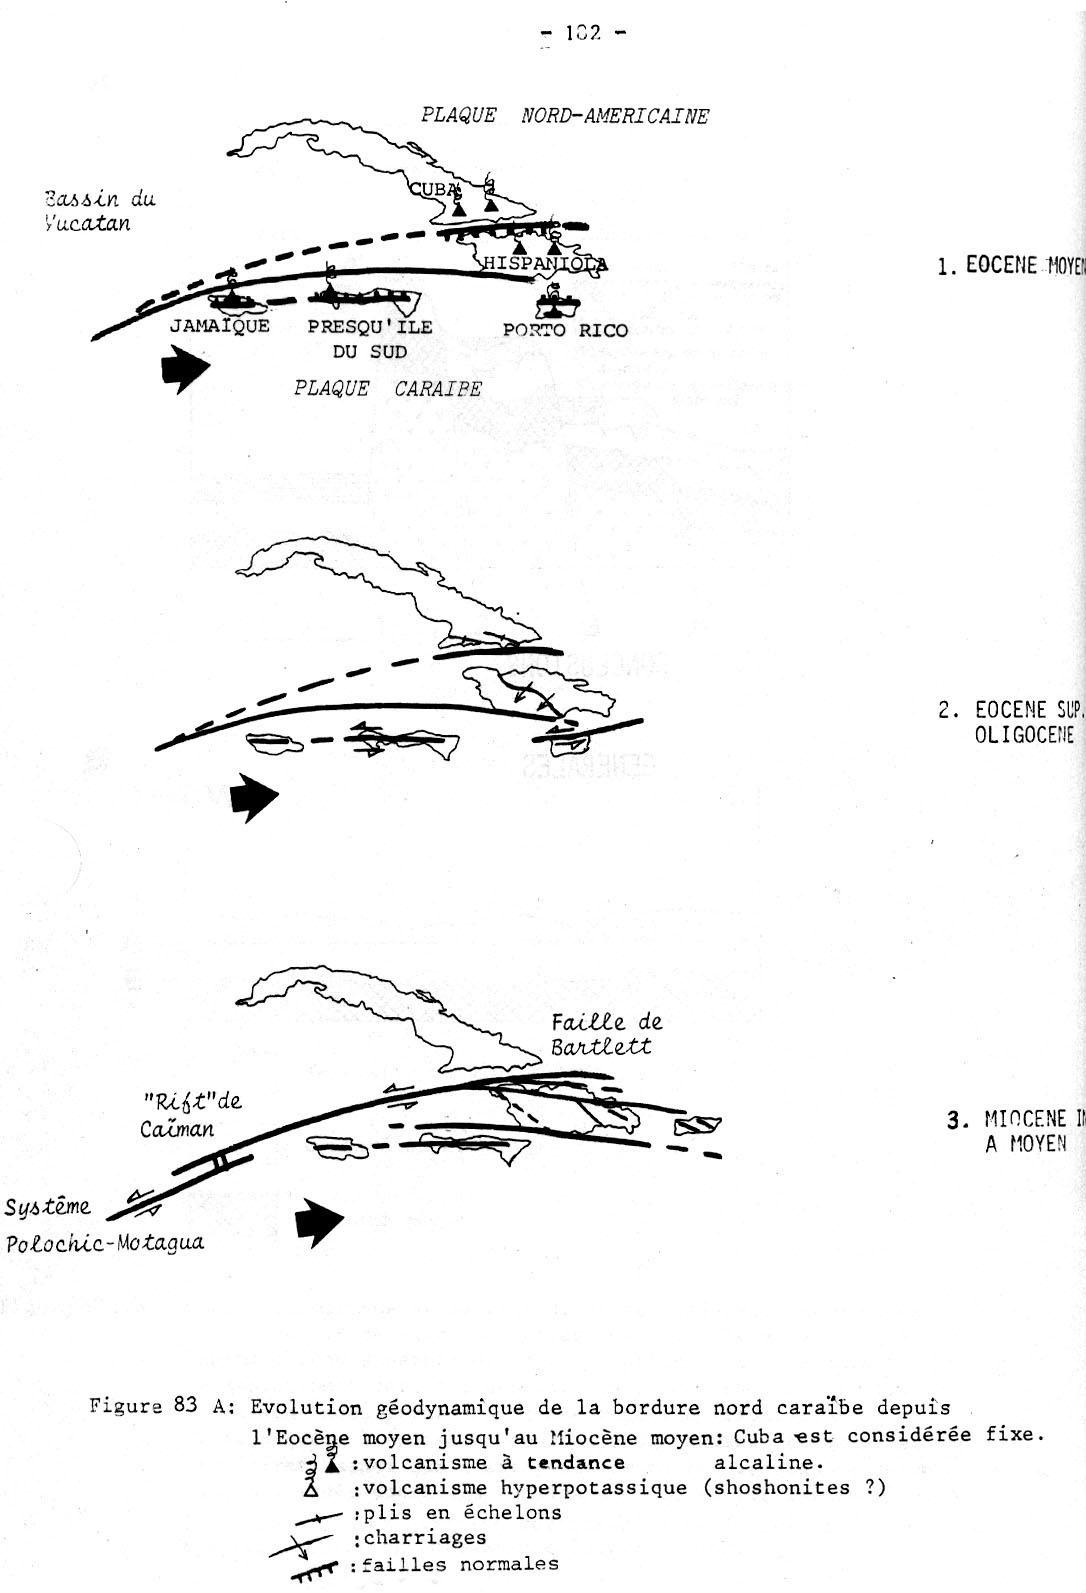 Evolución geodinámica del borde norte del Caribe desde el Eoceno medio hasta el Mioceno medio (se considera a Cuba como fija) (Van den Berghe, 1983)